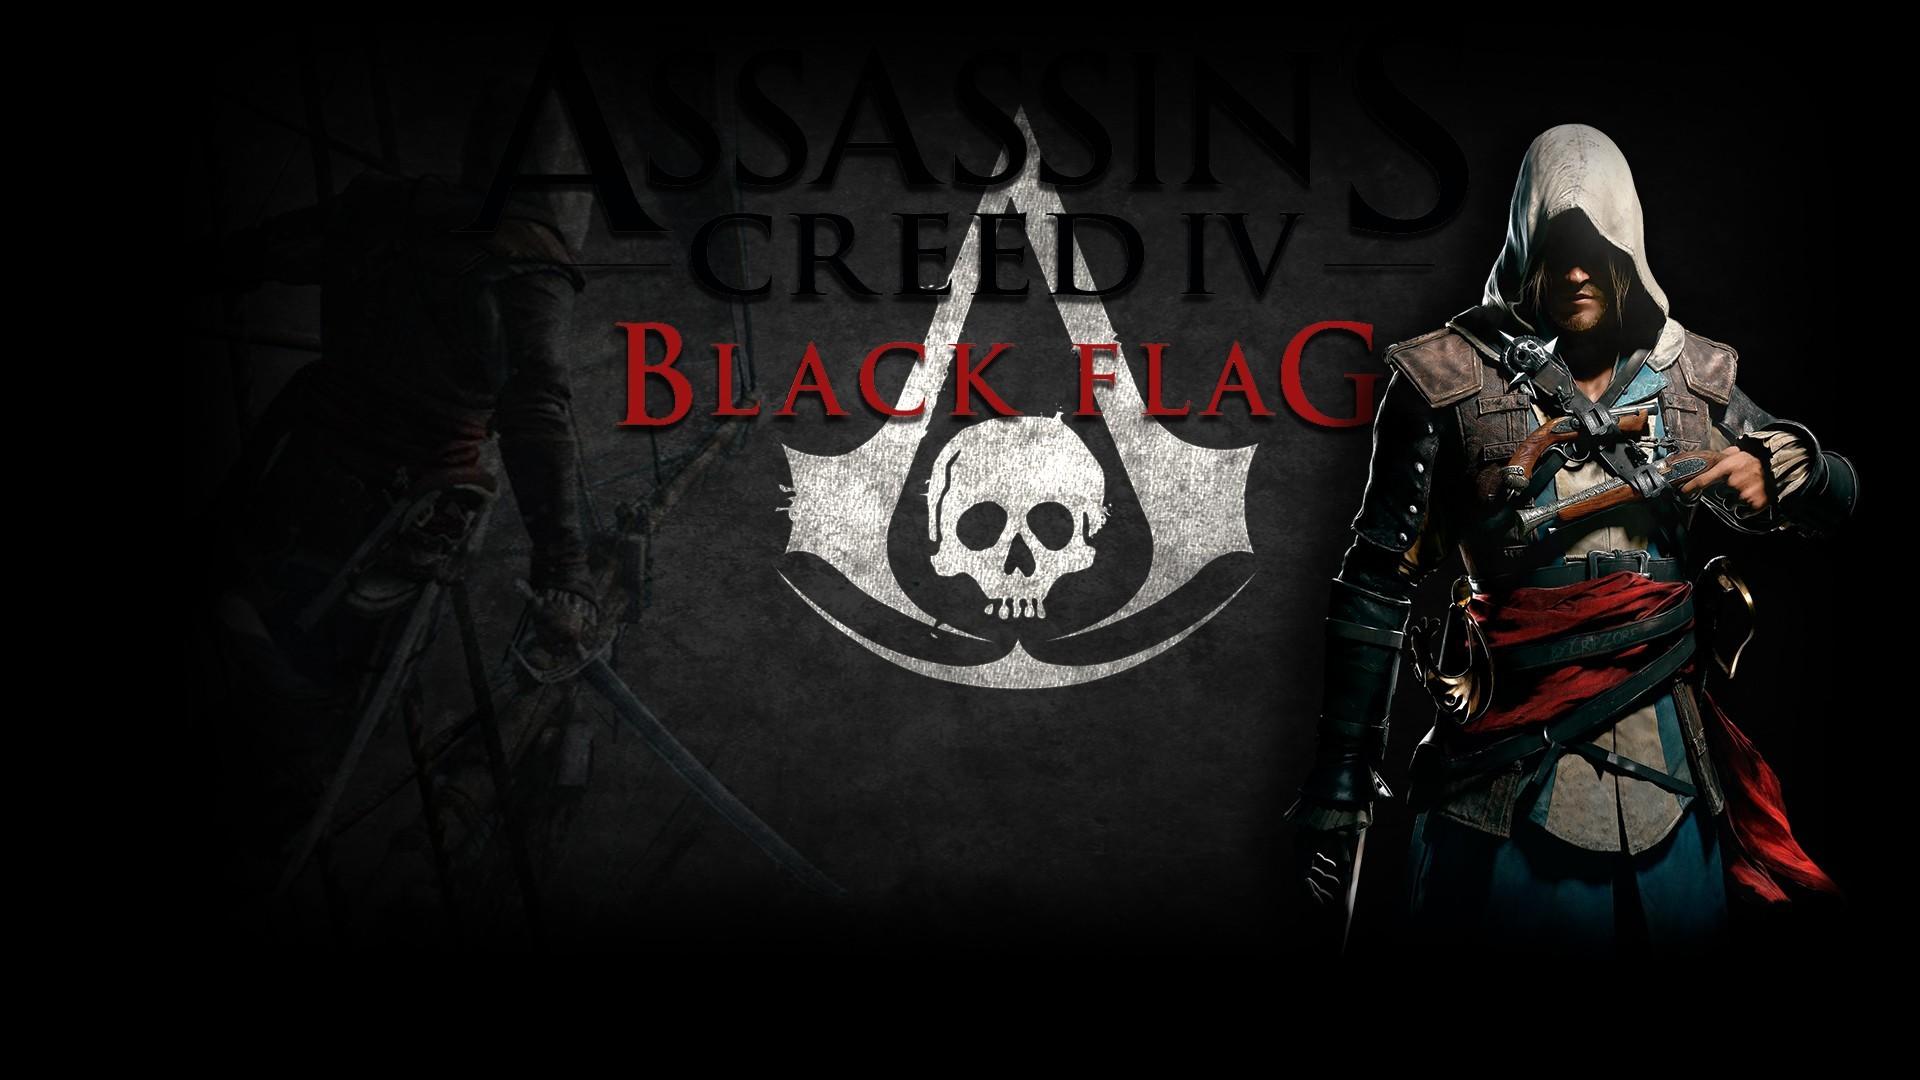 Assassin's Creed Black Flag | Assassin's Creed IV: Black flag darà maggiore  libertà – GameSource